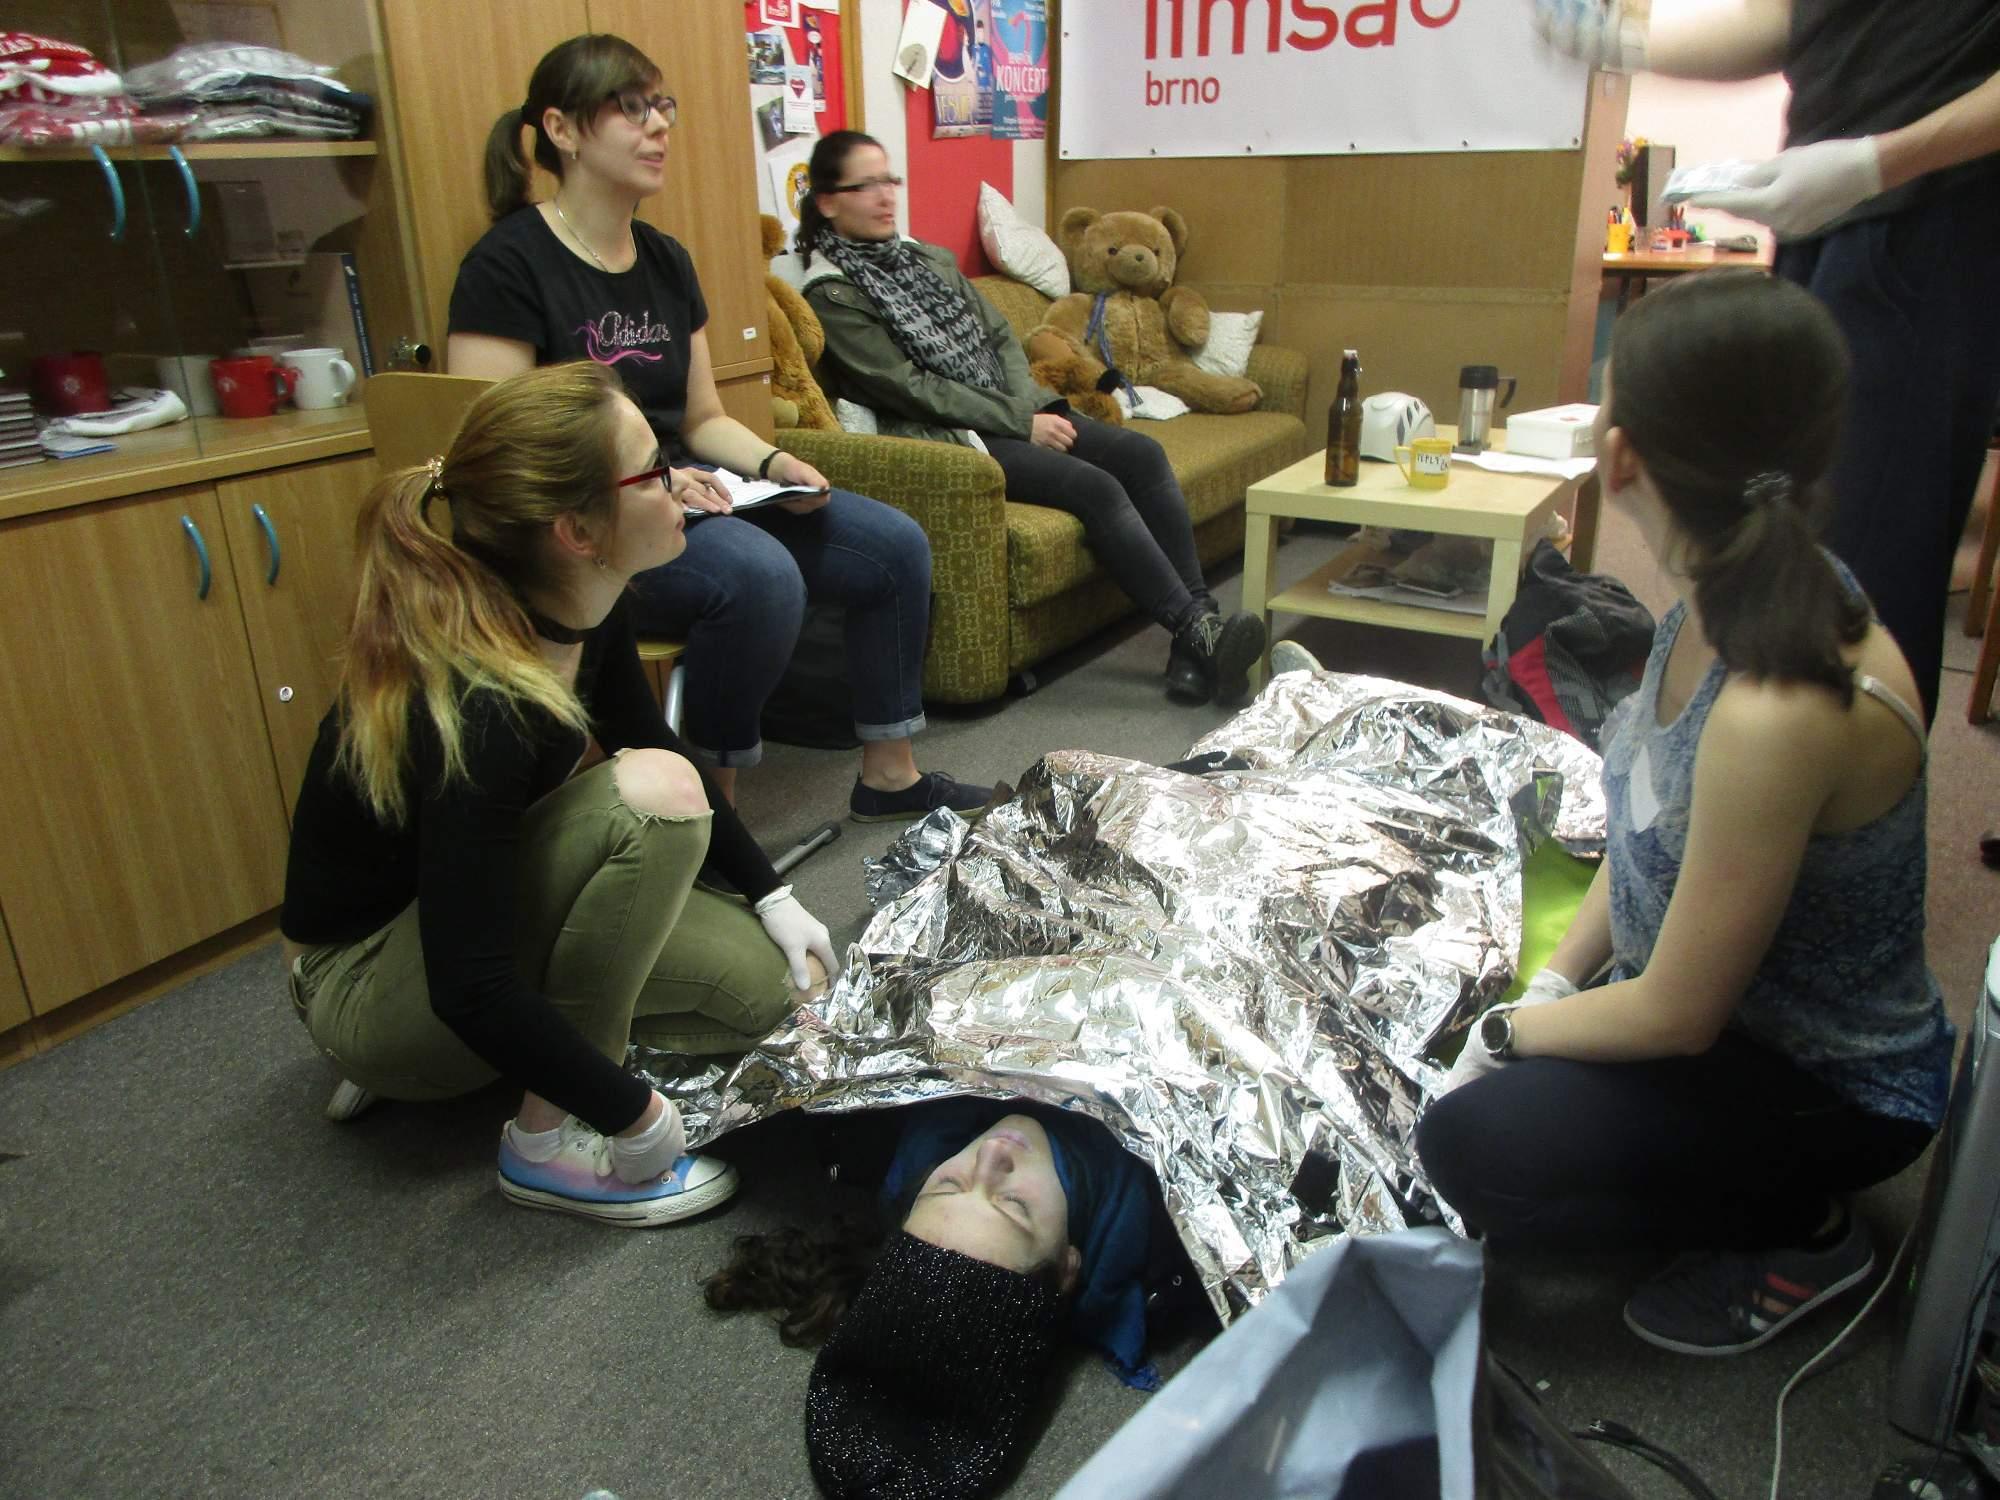 Studenti medicíny si mohli vyzkoušet znalosti první pomoci v praxi. Foto: Dominika Sladká.